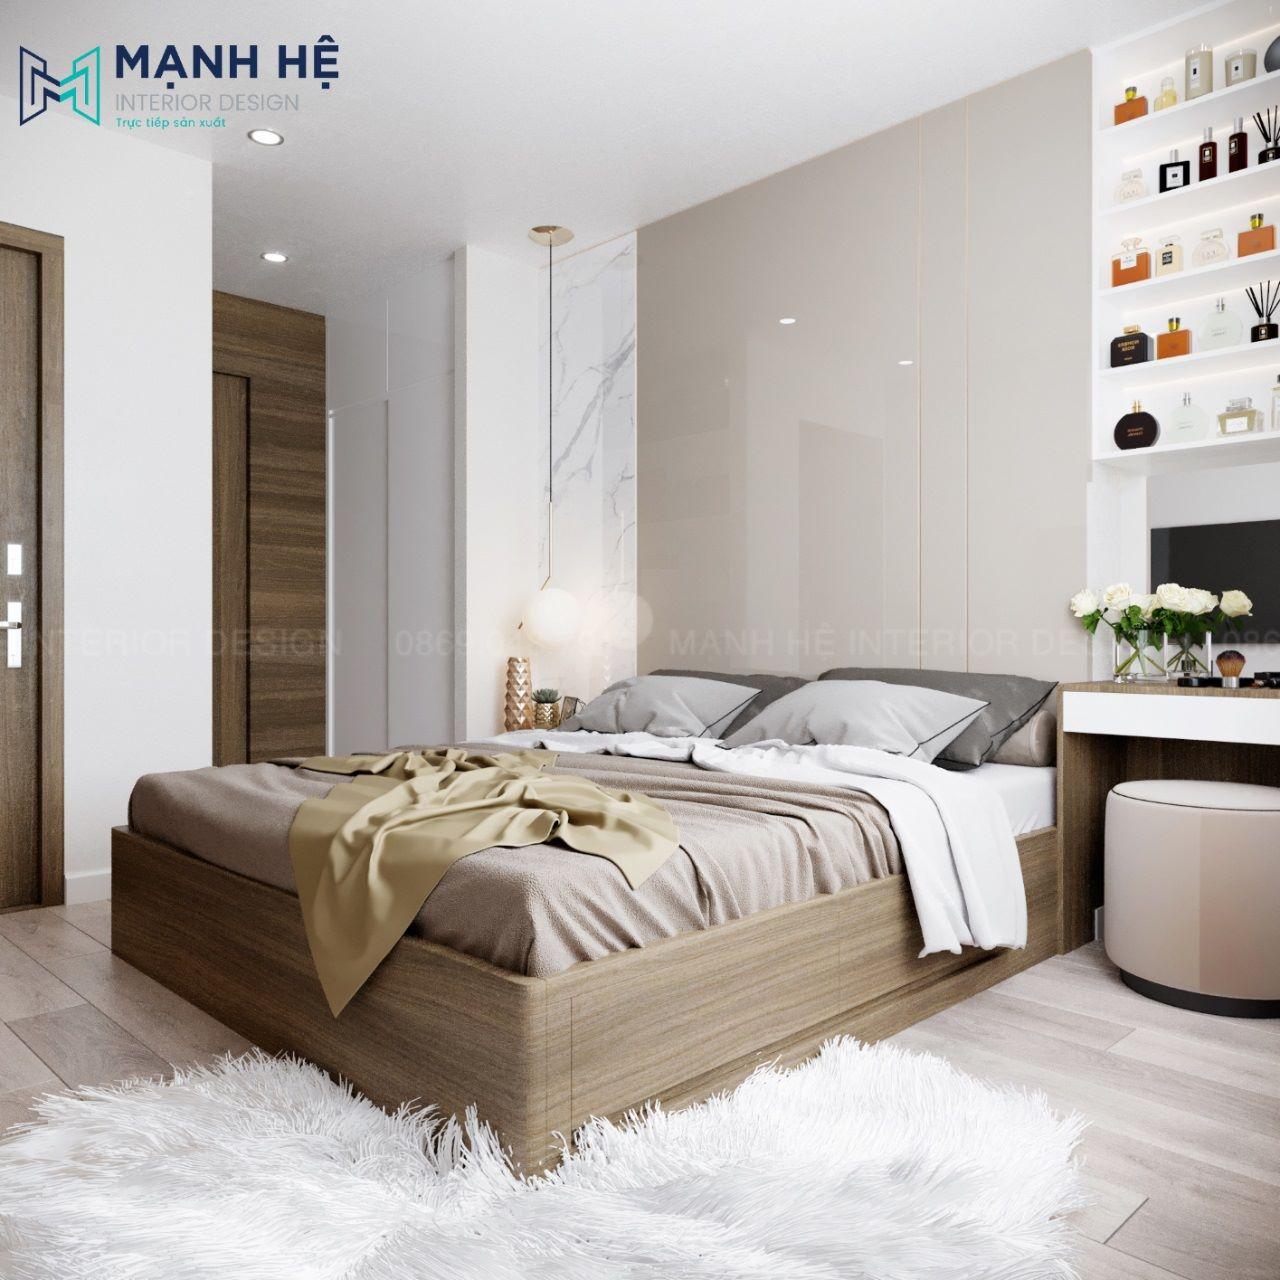 Thảm lông trang trí phòng ngủ